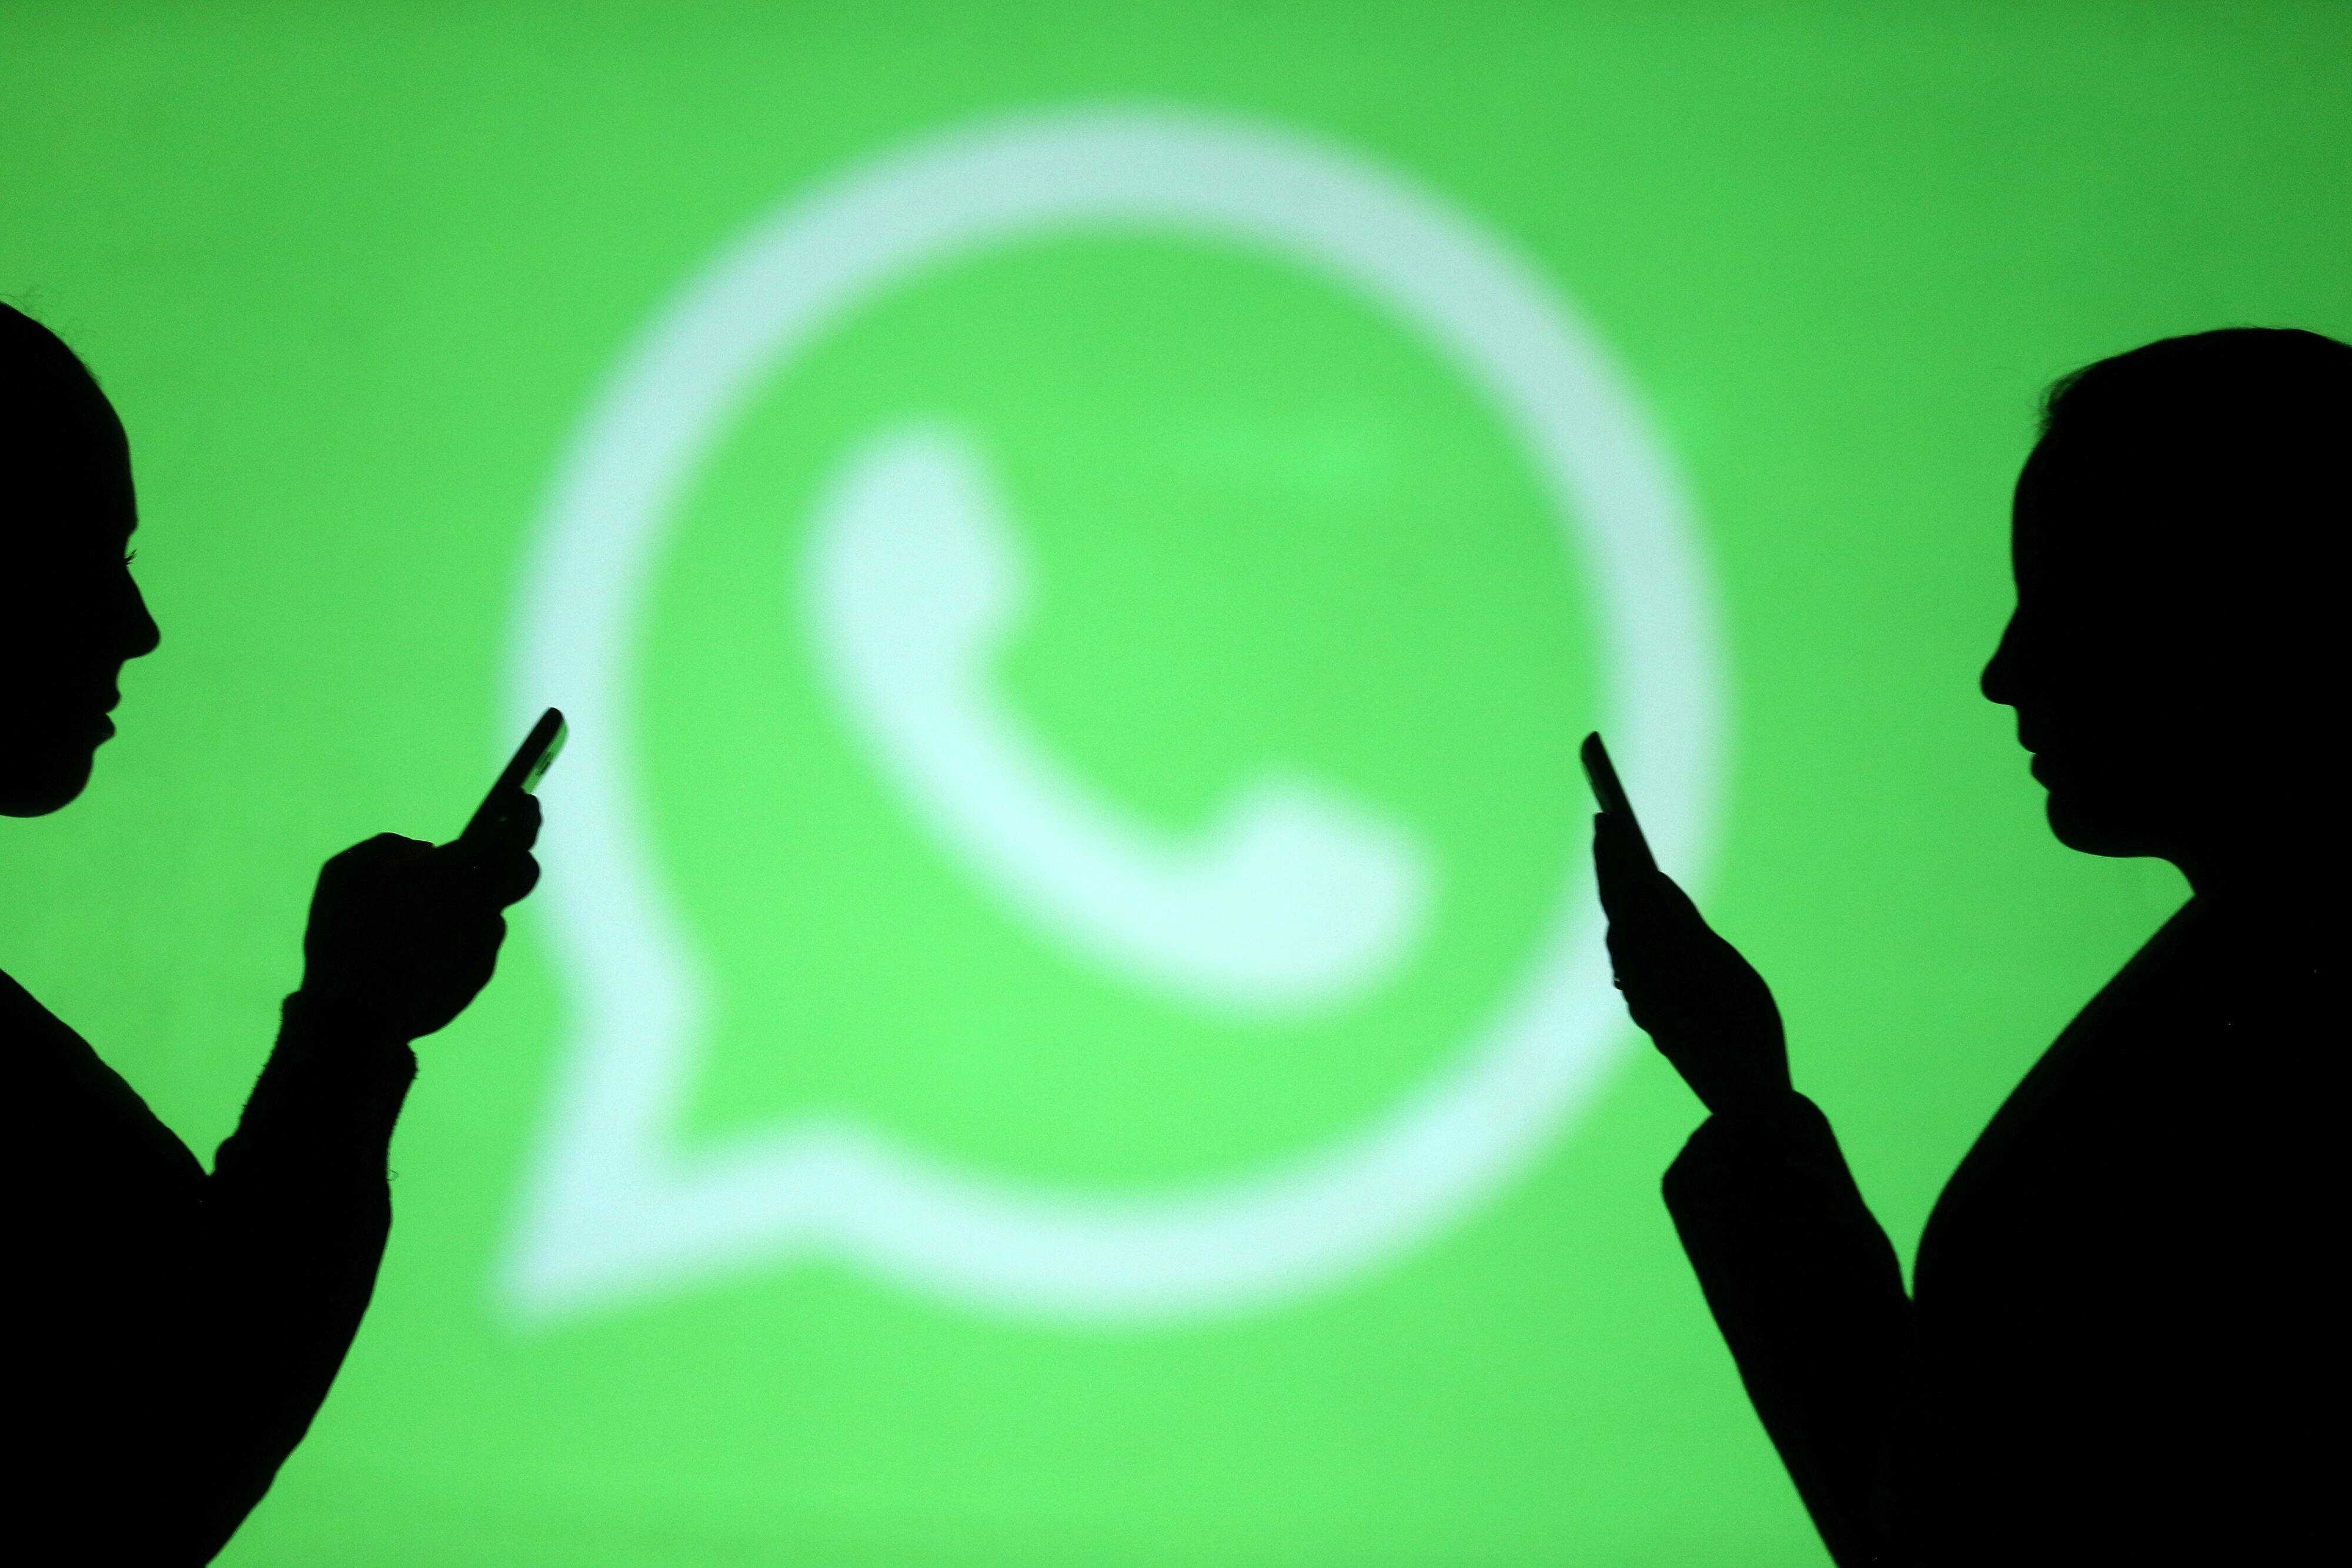 La messagerie WhatsApp infectée par un logiciel